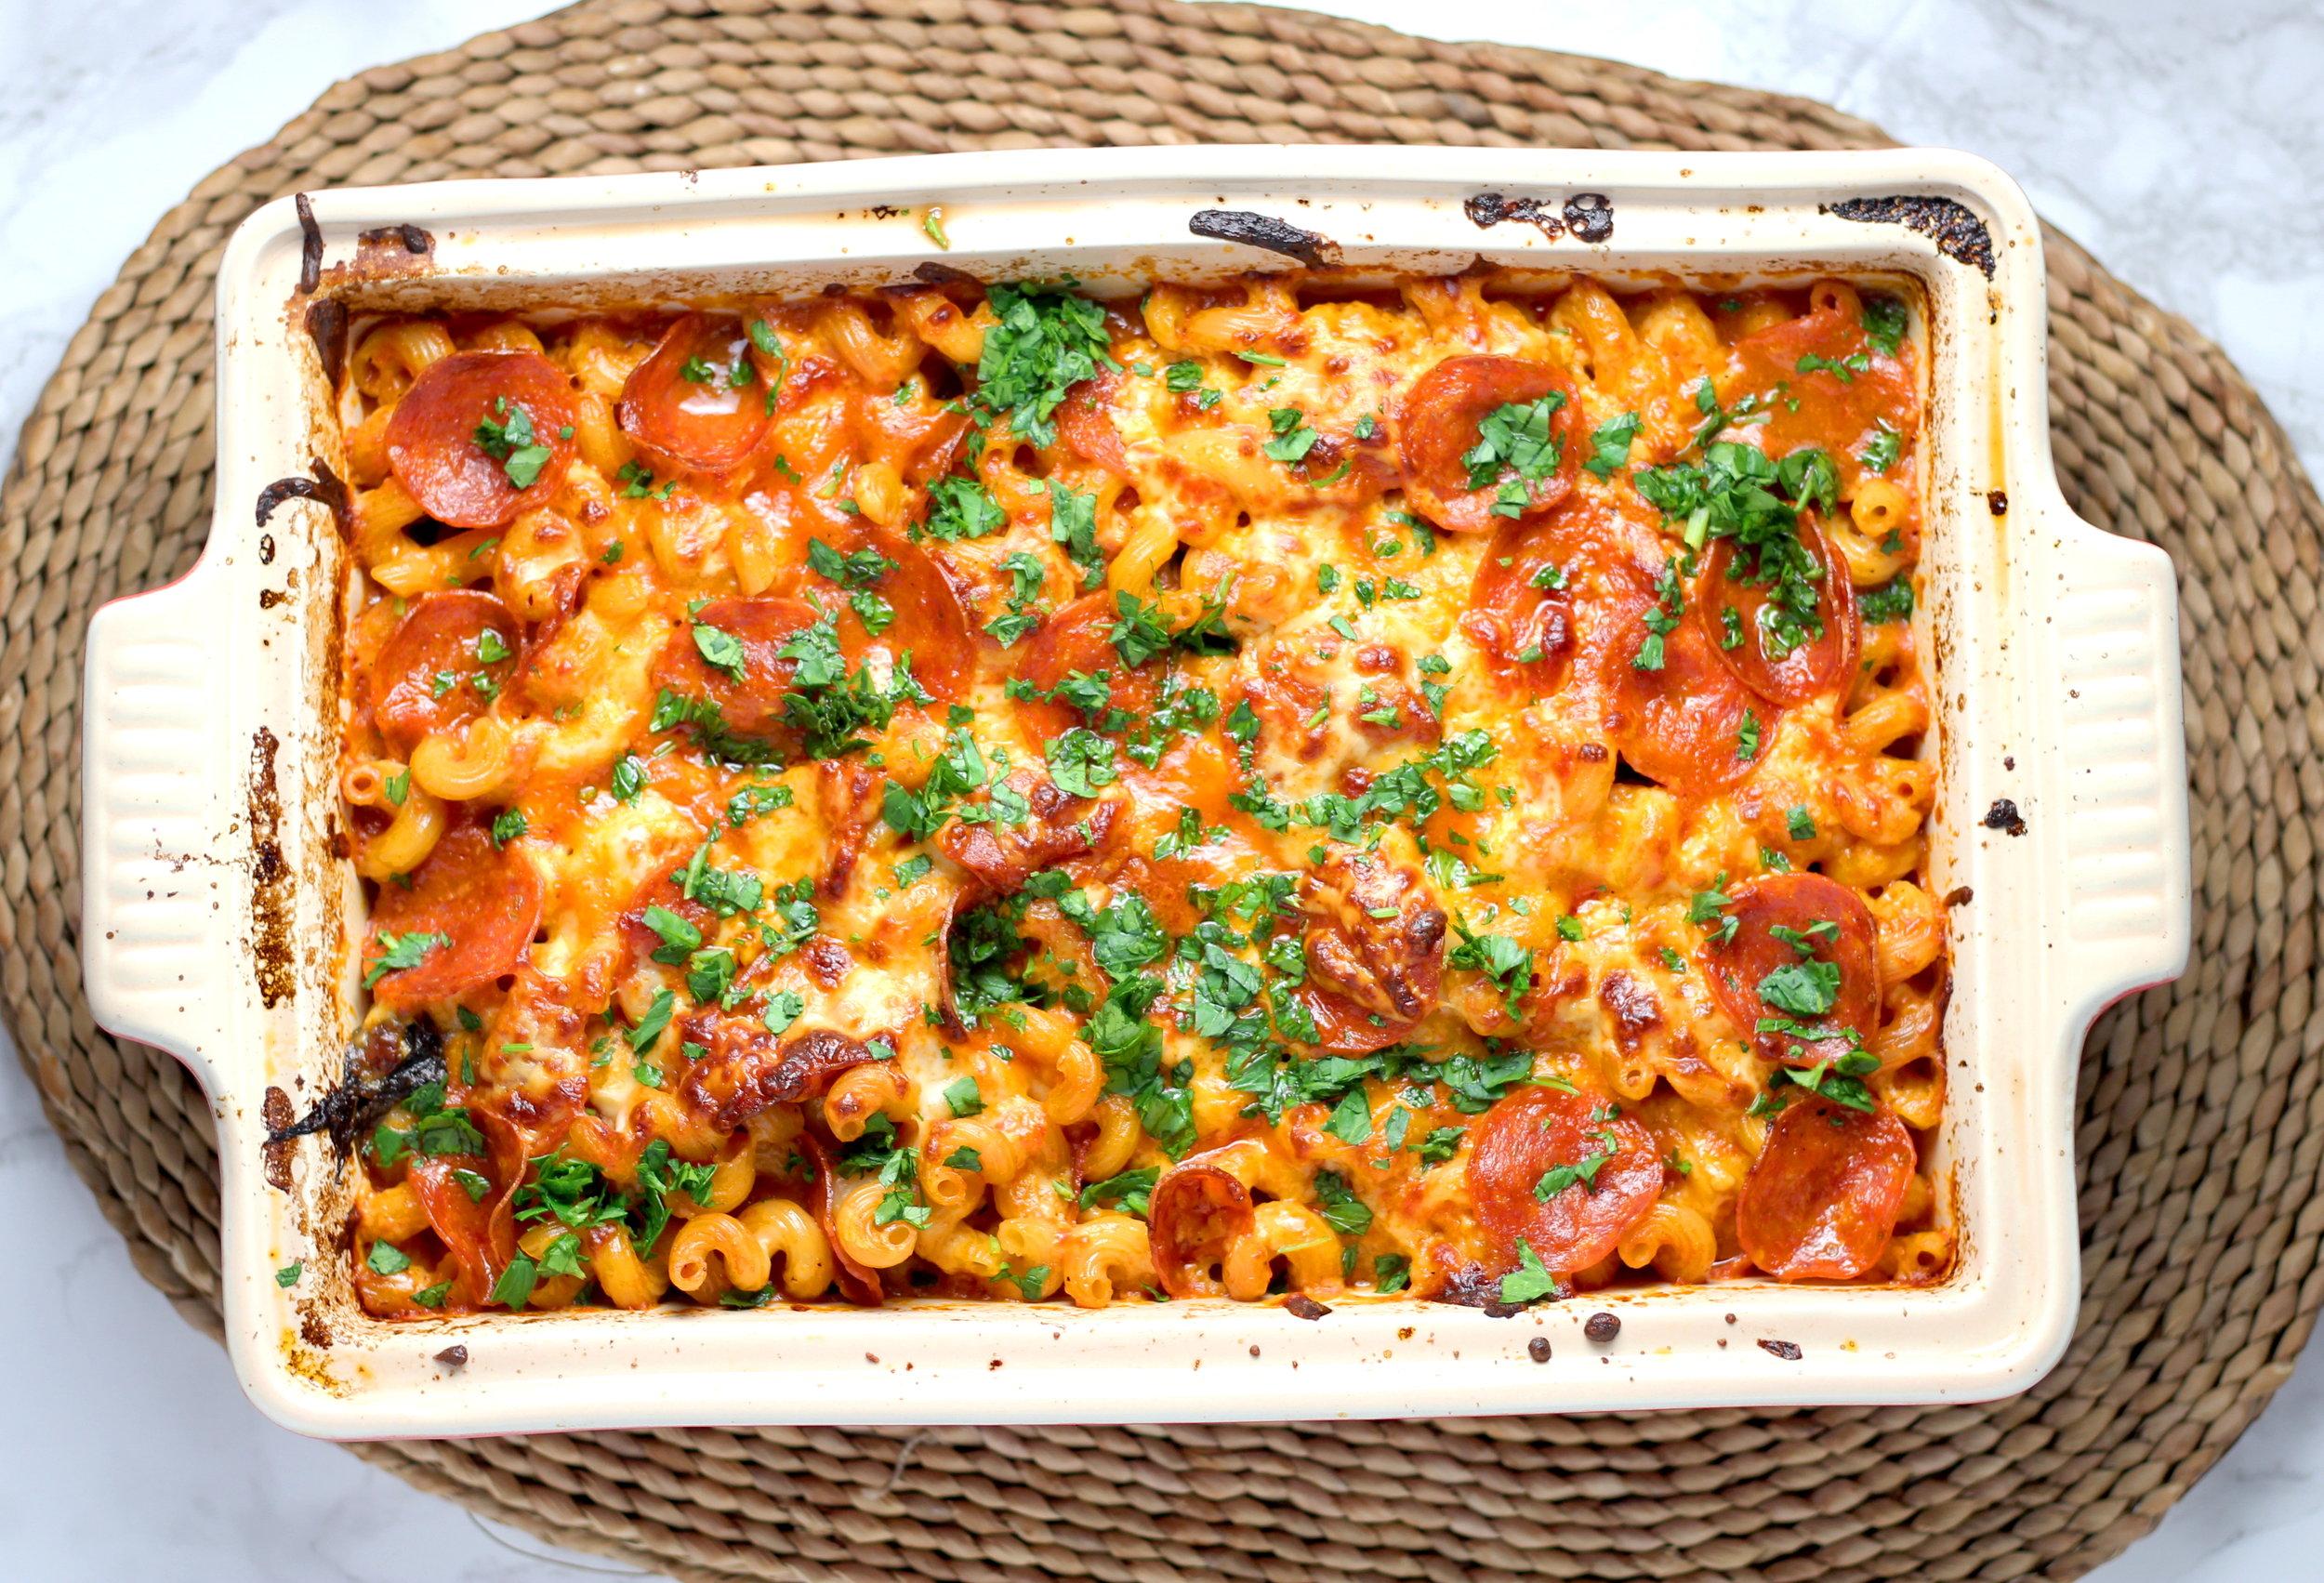 - Lasagna dinner